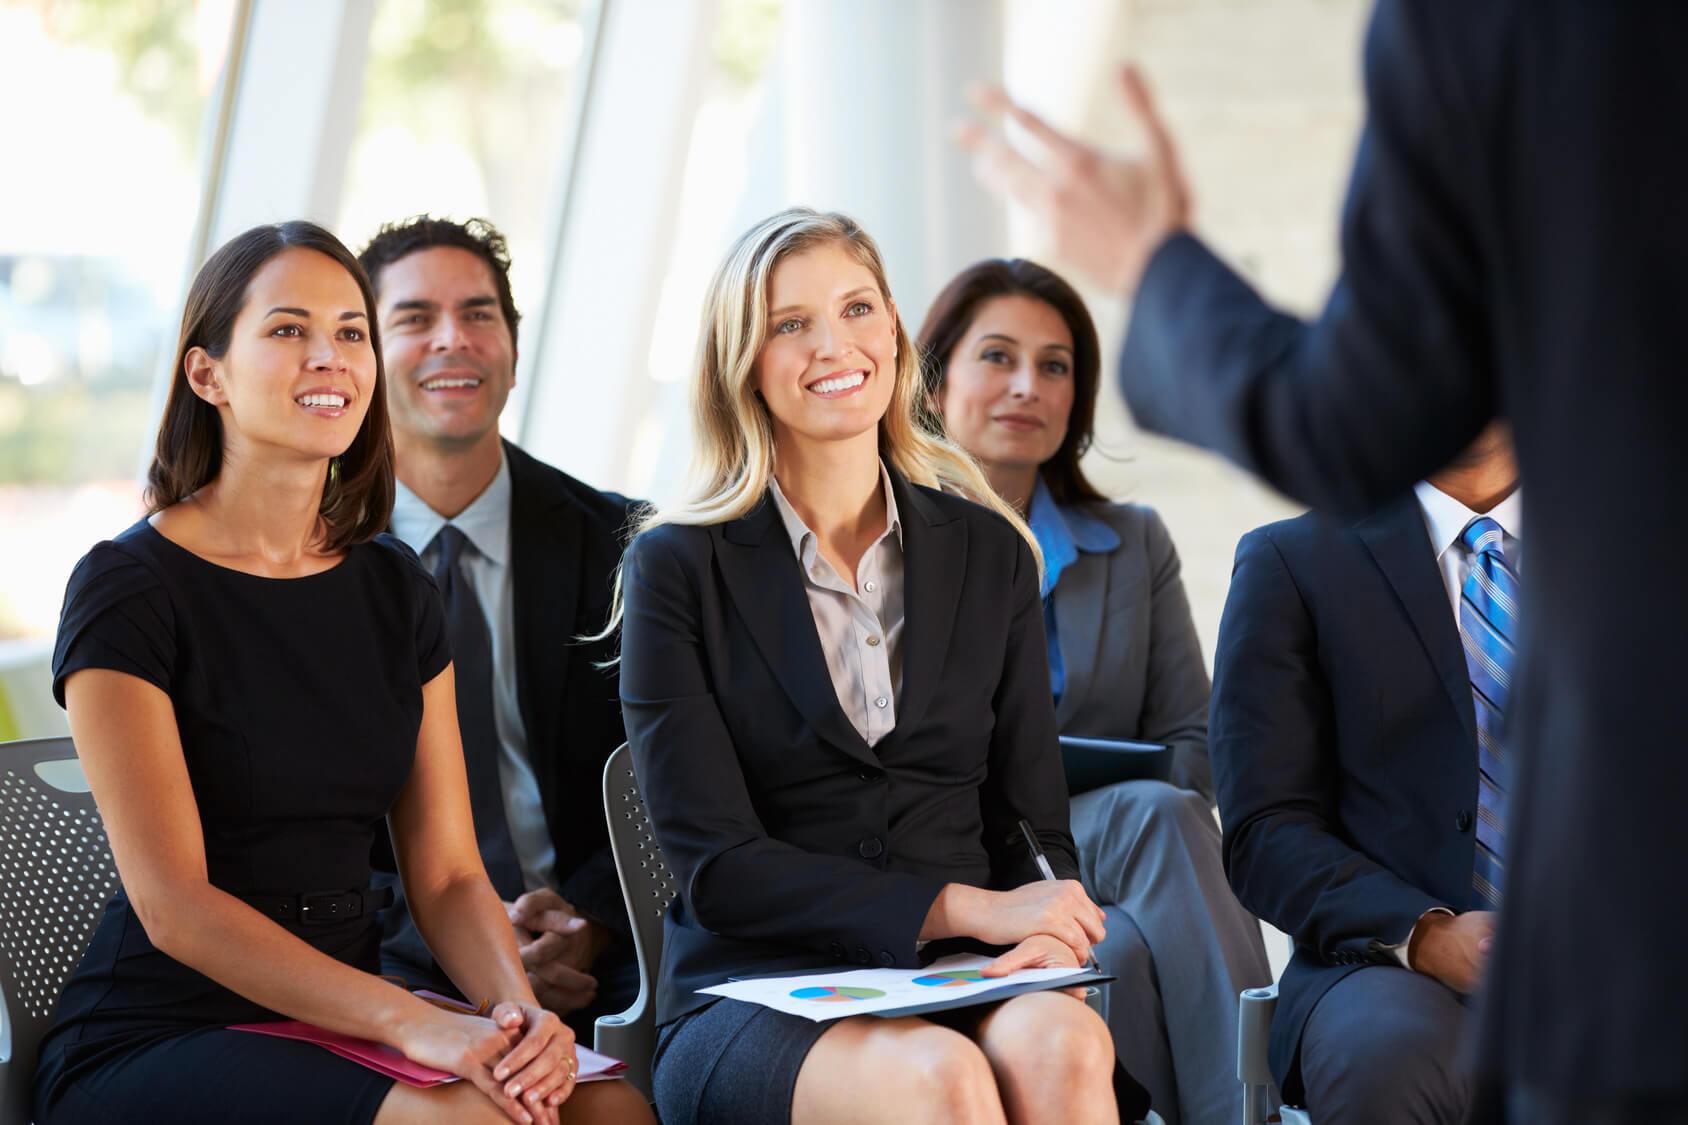 Presentaciones Eficaces: 10 Consejos Atemporales